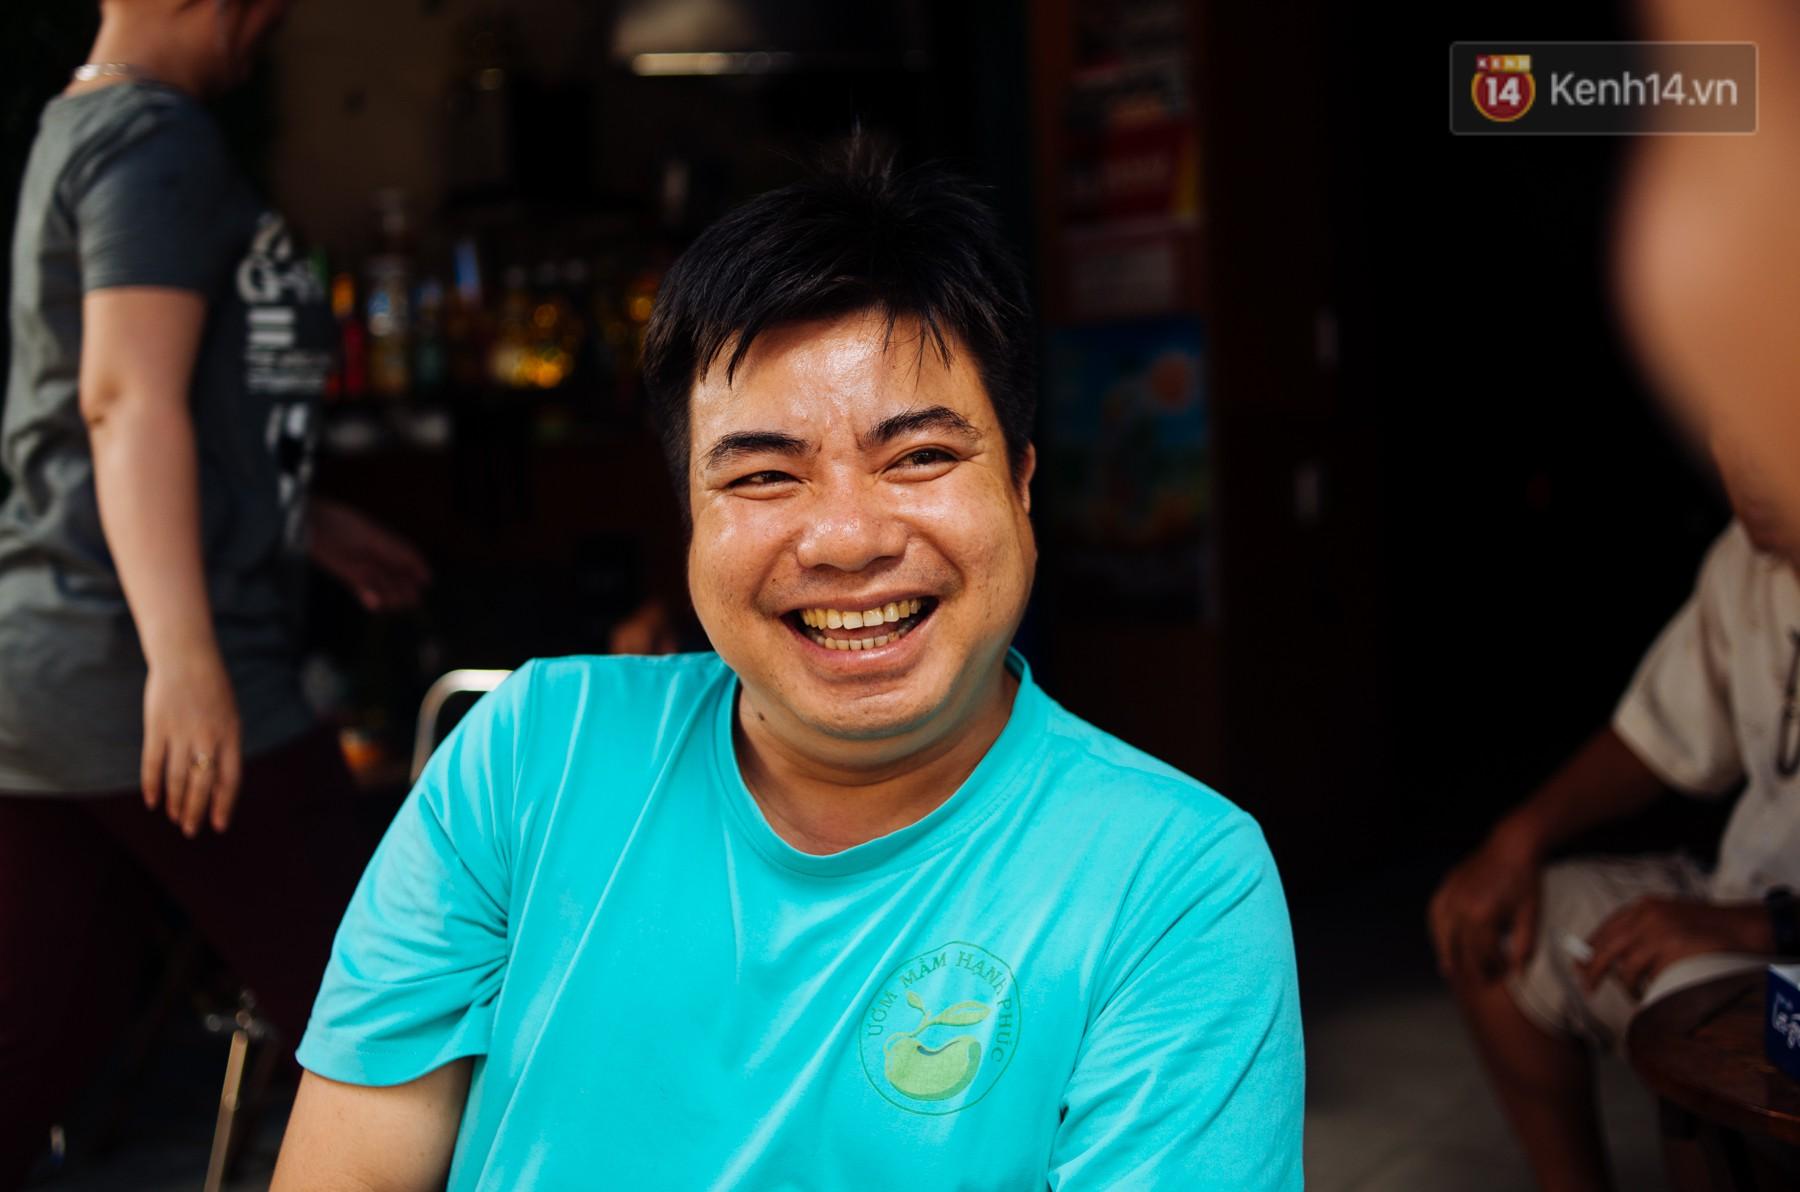 Giàu như anh bán chuối chiên Sài Gòn: Mở quán cơm 5k cho người thu nhập chưa cao, 5 năm đắt hàng - Ảnh 3.